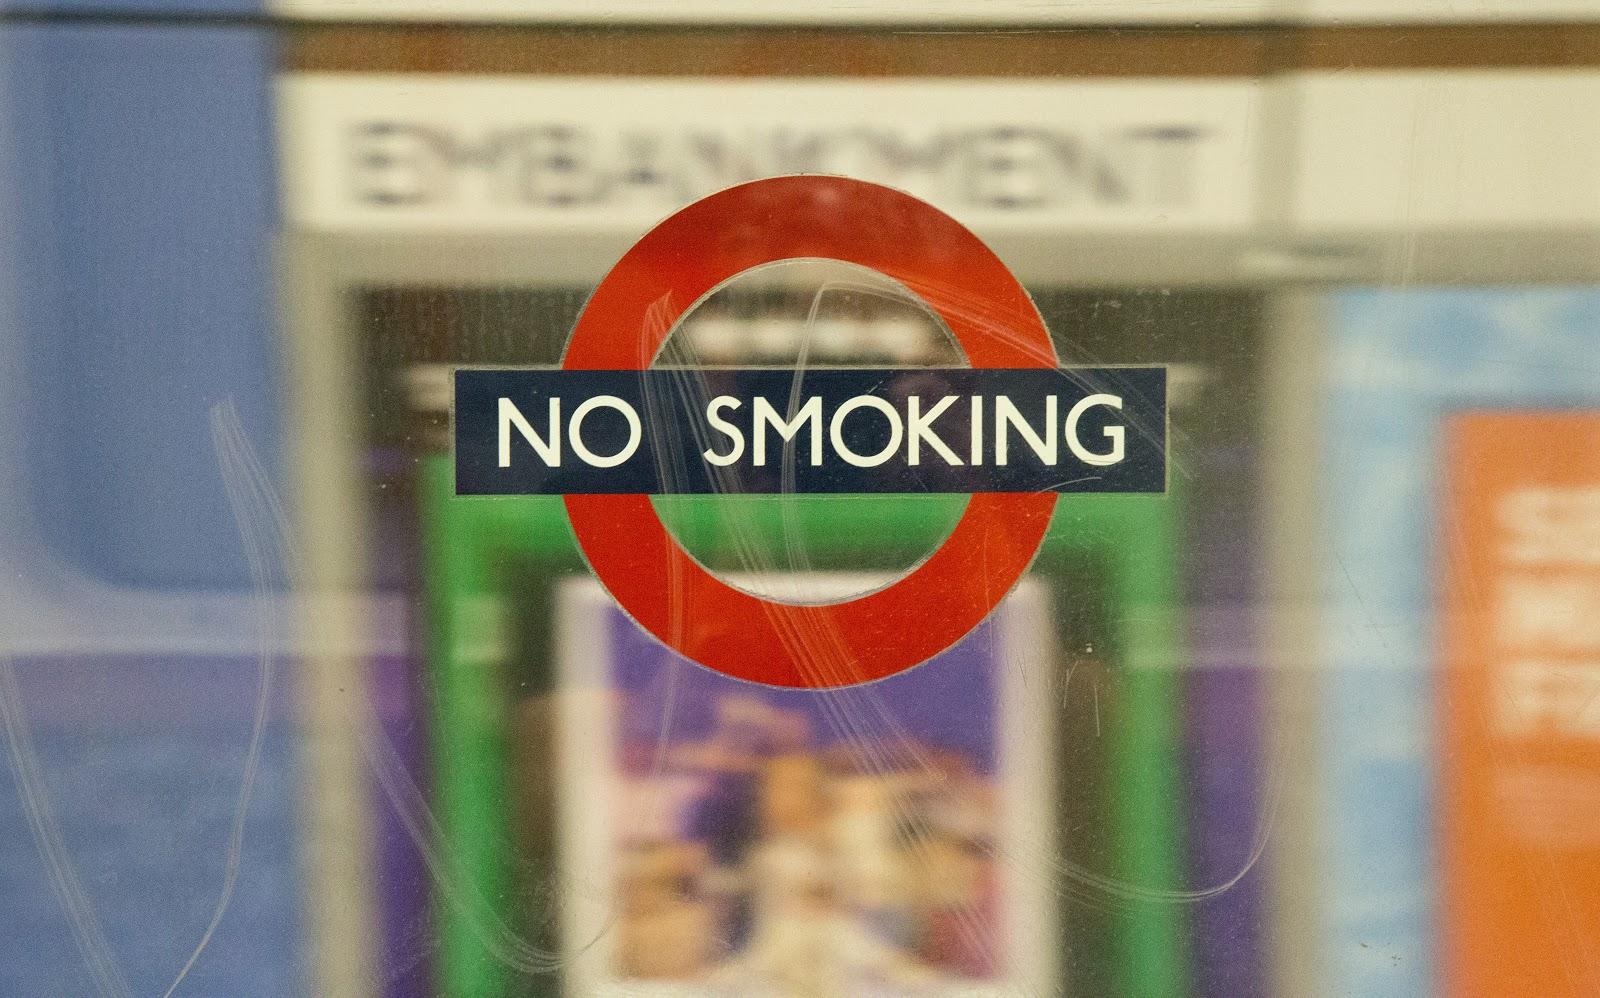 hindari merokok untuk kesehatan mata